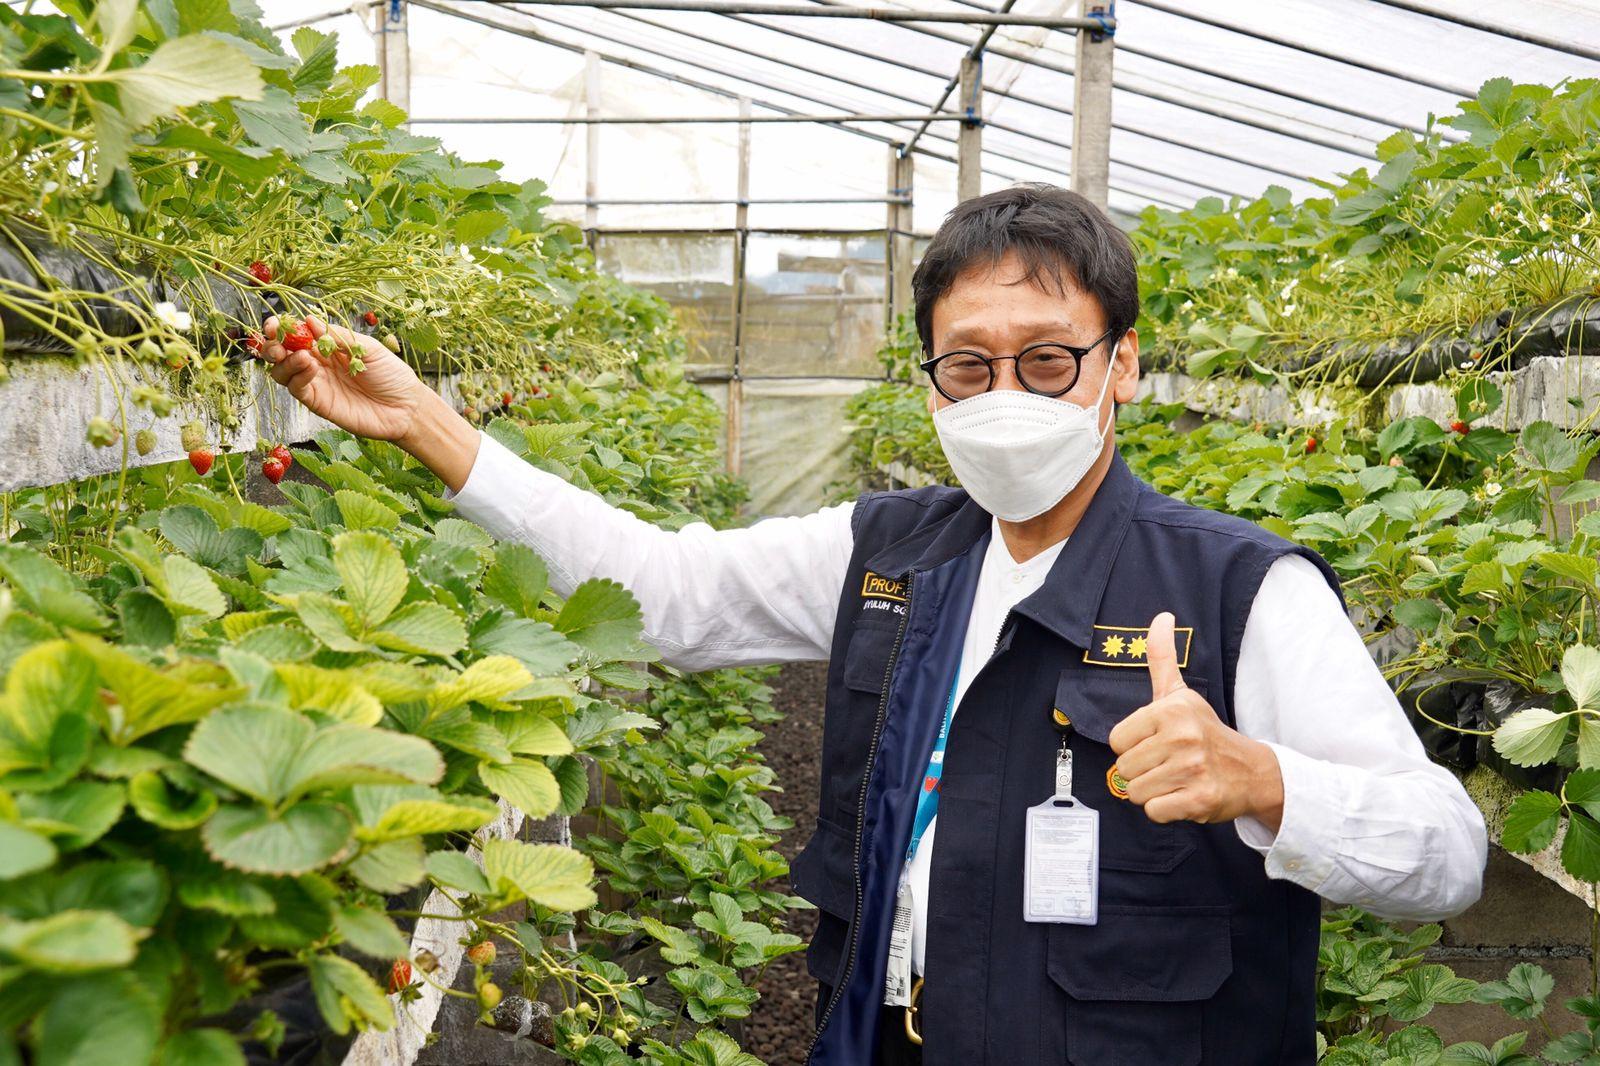 Hebat! Petani Milenial Gobleg Bali Sukses Padukan Pertanian Organik dan Smart Farming - JPNN.com